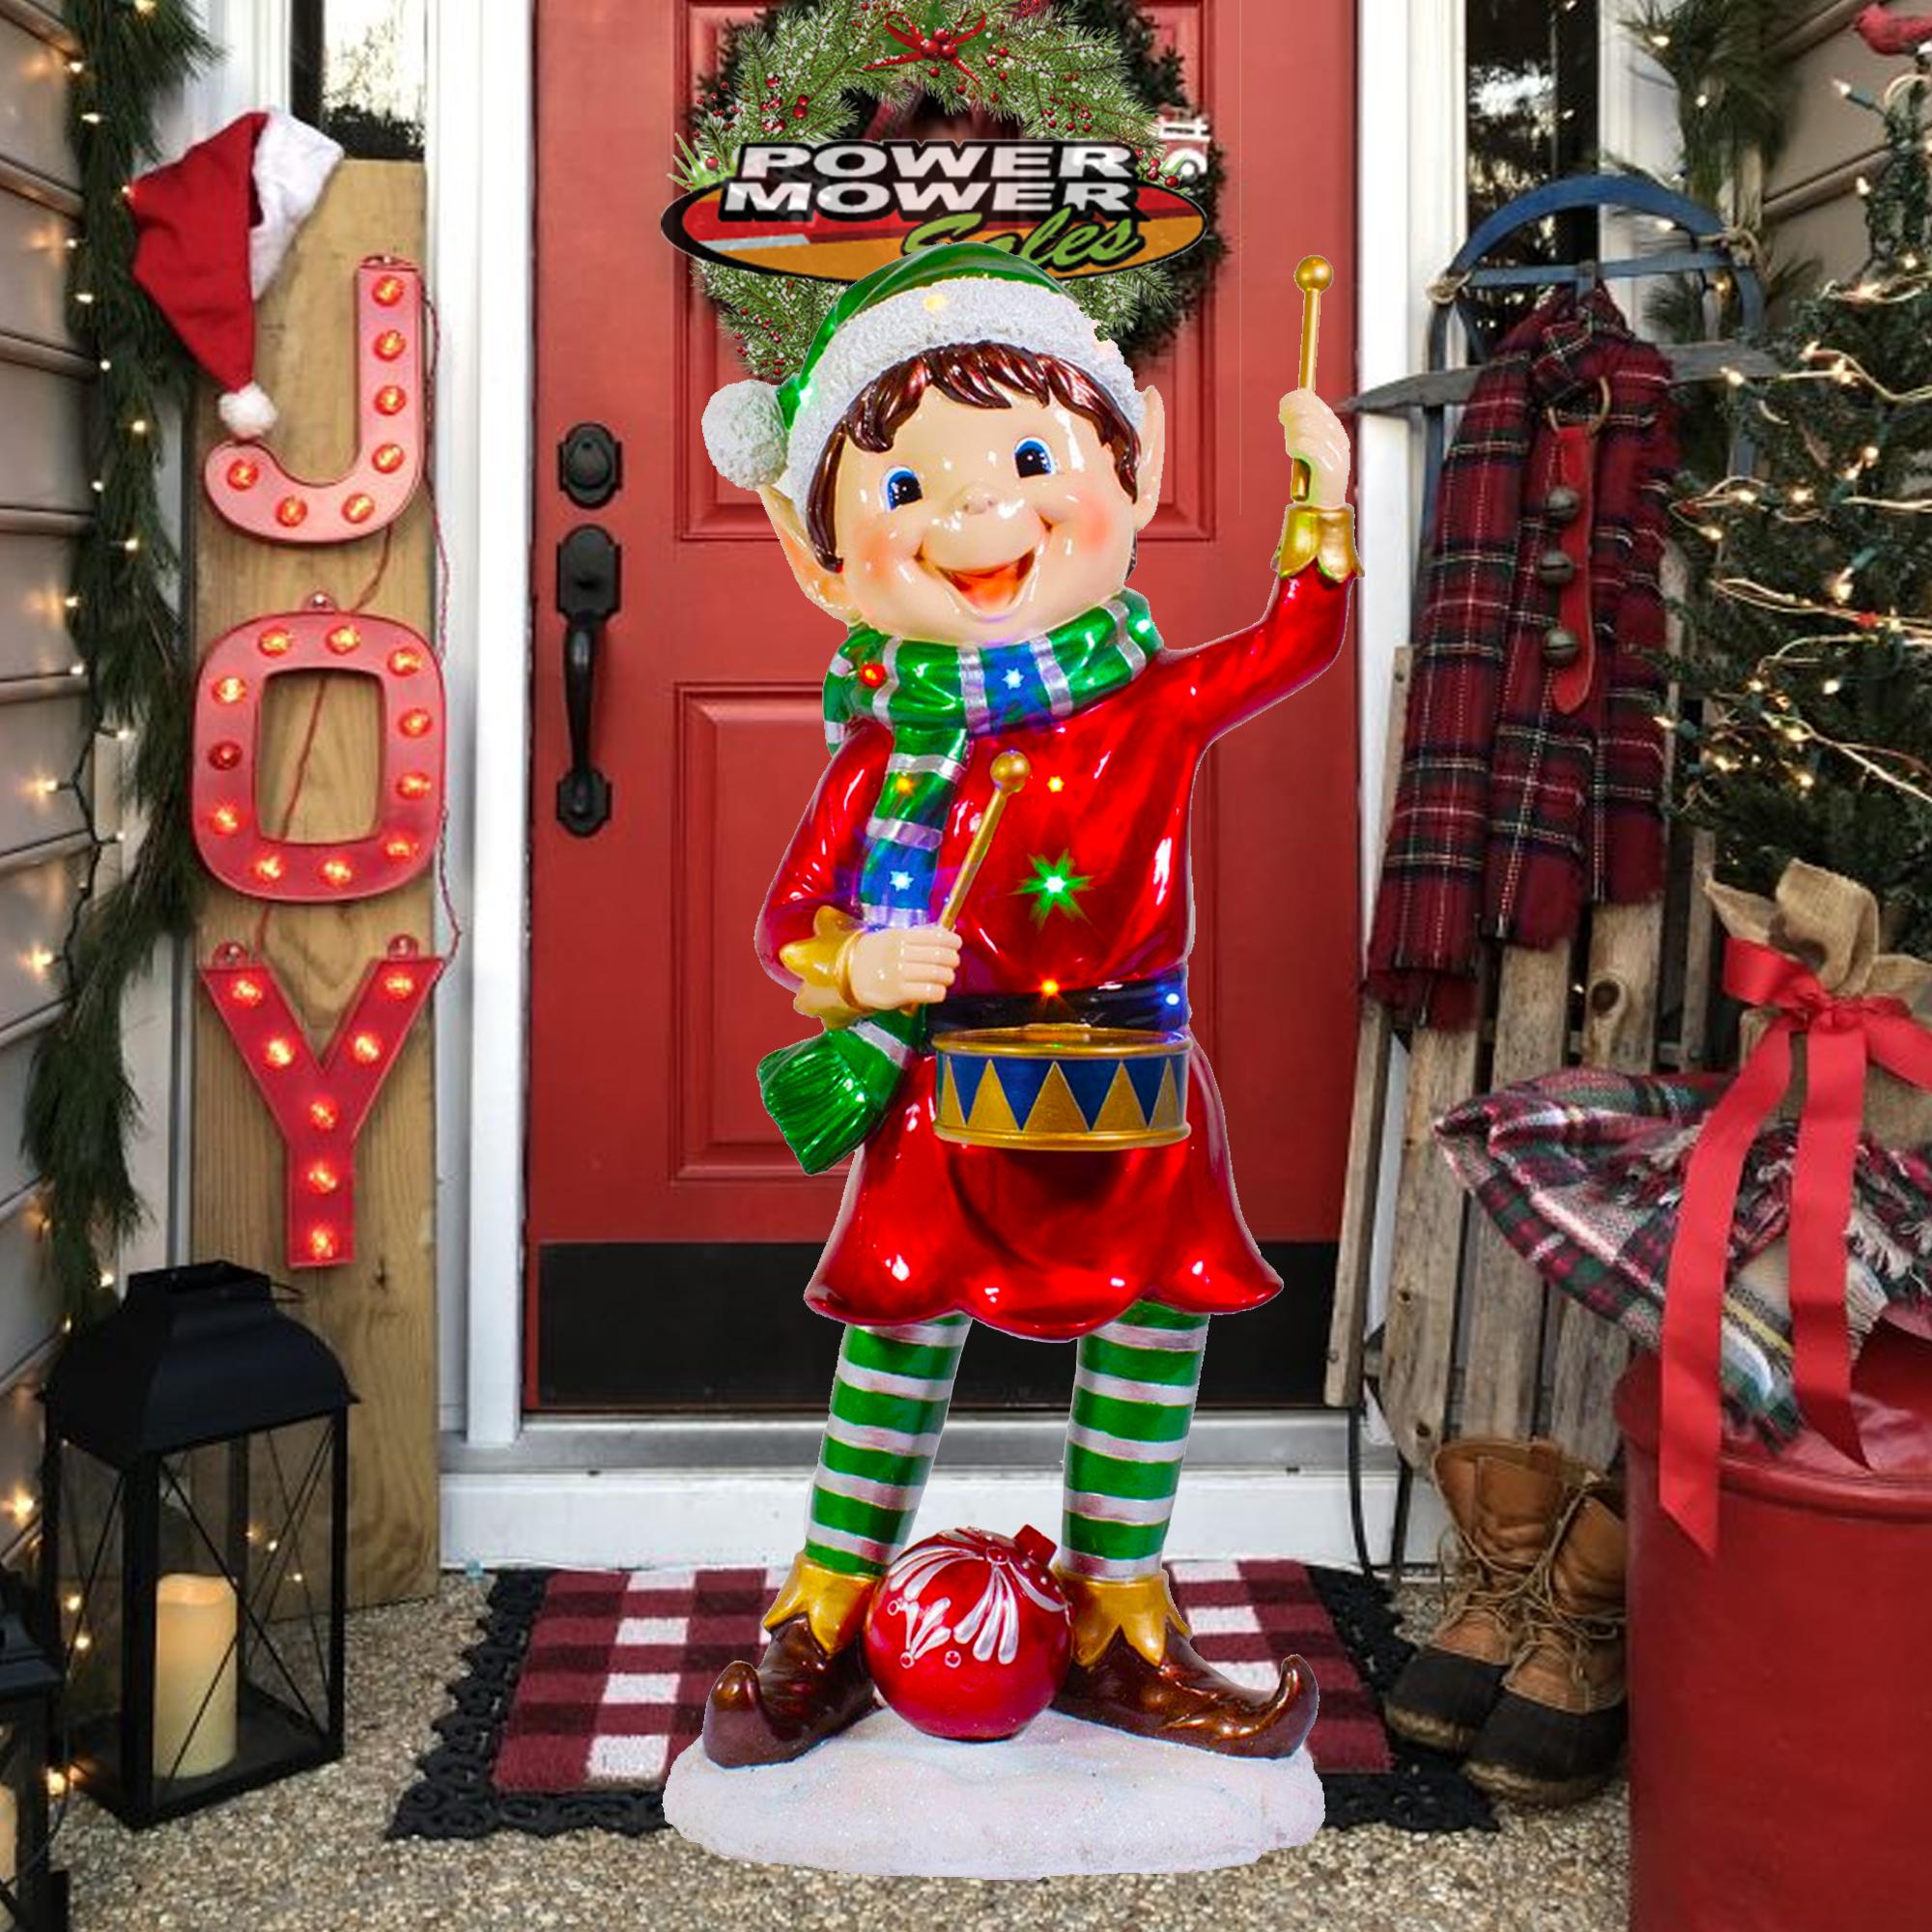 Elves Christmas Decorations Outdoor | Psoriasisguru.com